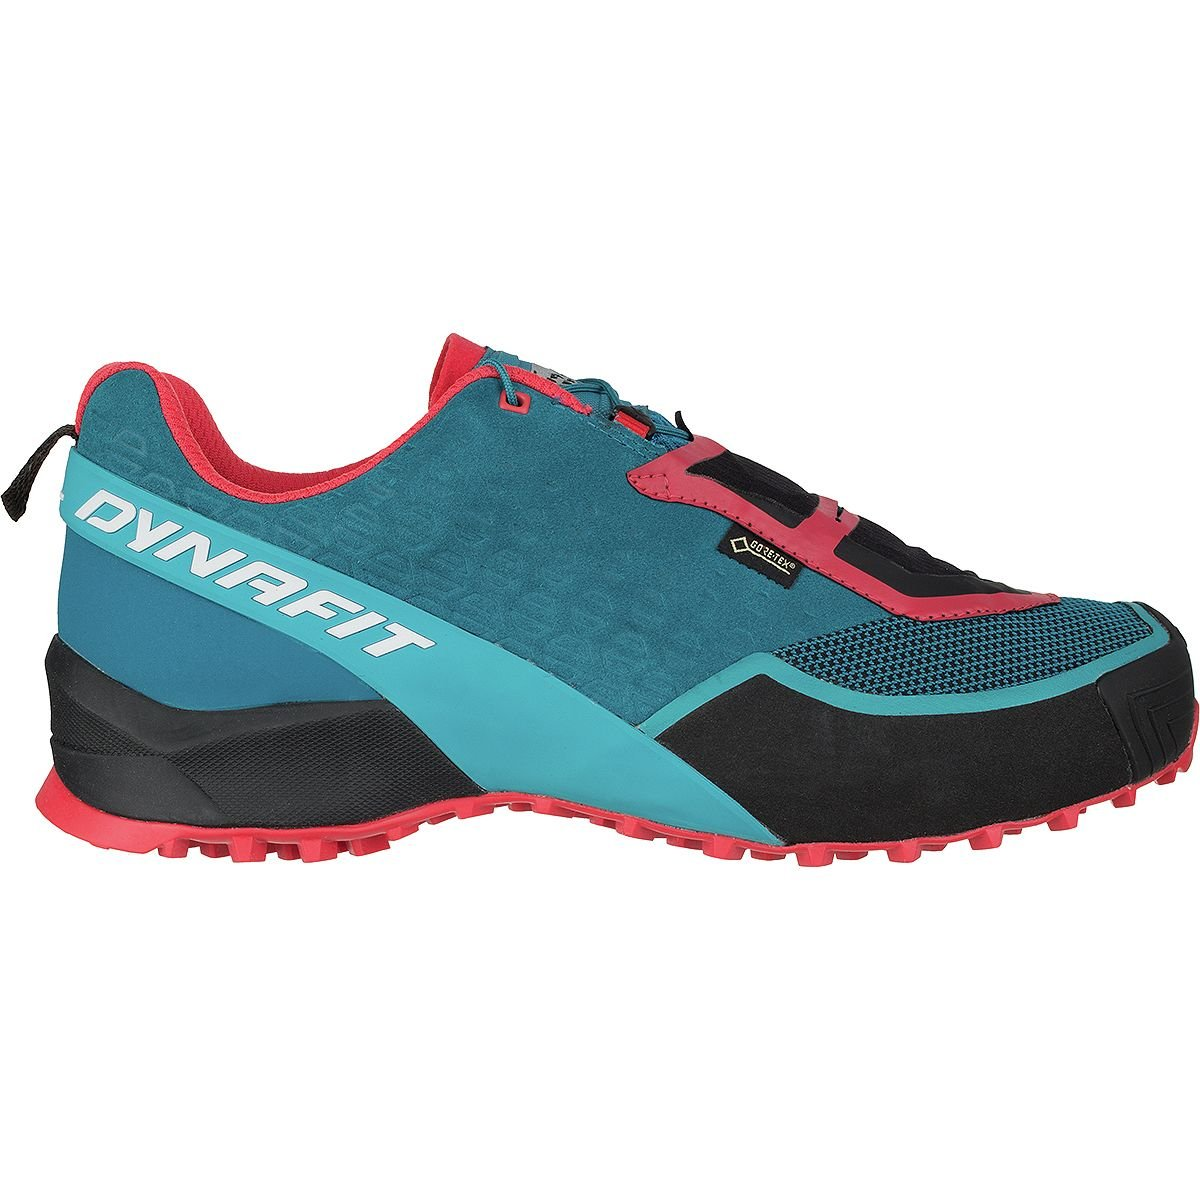 ファッションデザイナー [ダイナフィット] レディース [並行輸入品] 9.5 ランニング Speed MTN Gore-Tex Trail レディース Running Shoe [並行輸入品] B07FN96M7T 9.5, gaRon:bf58b534 --- school.officeporto.com